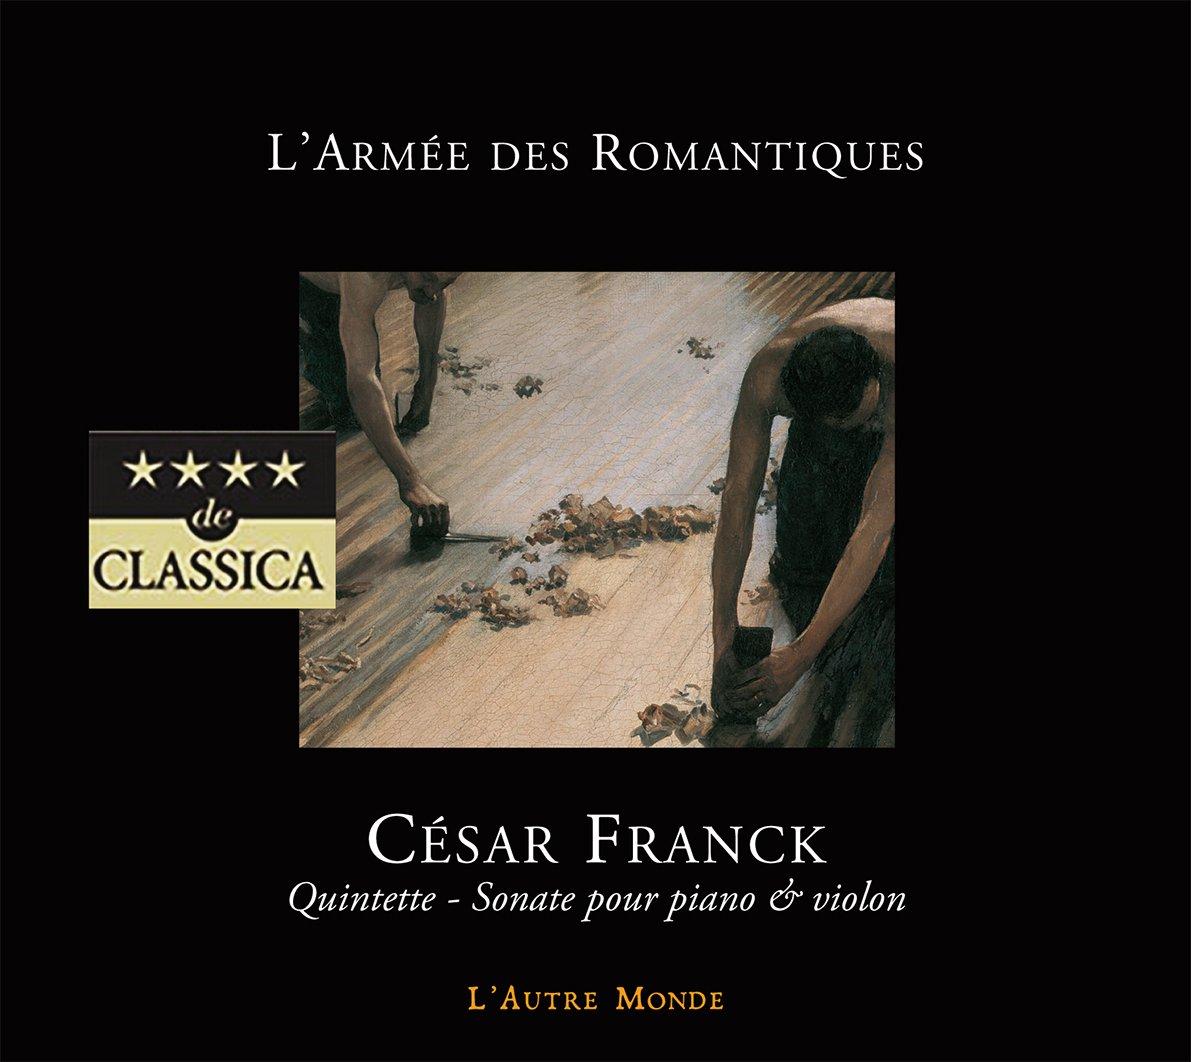 Franck - Musique de chambre (hors Sonate pour violon) 71VEJnDH04L._SL1191_